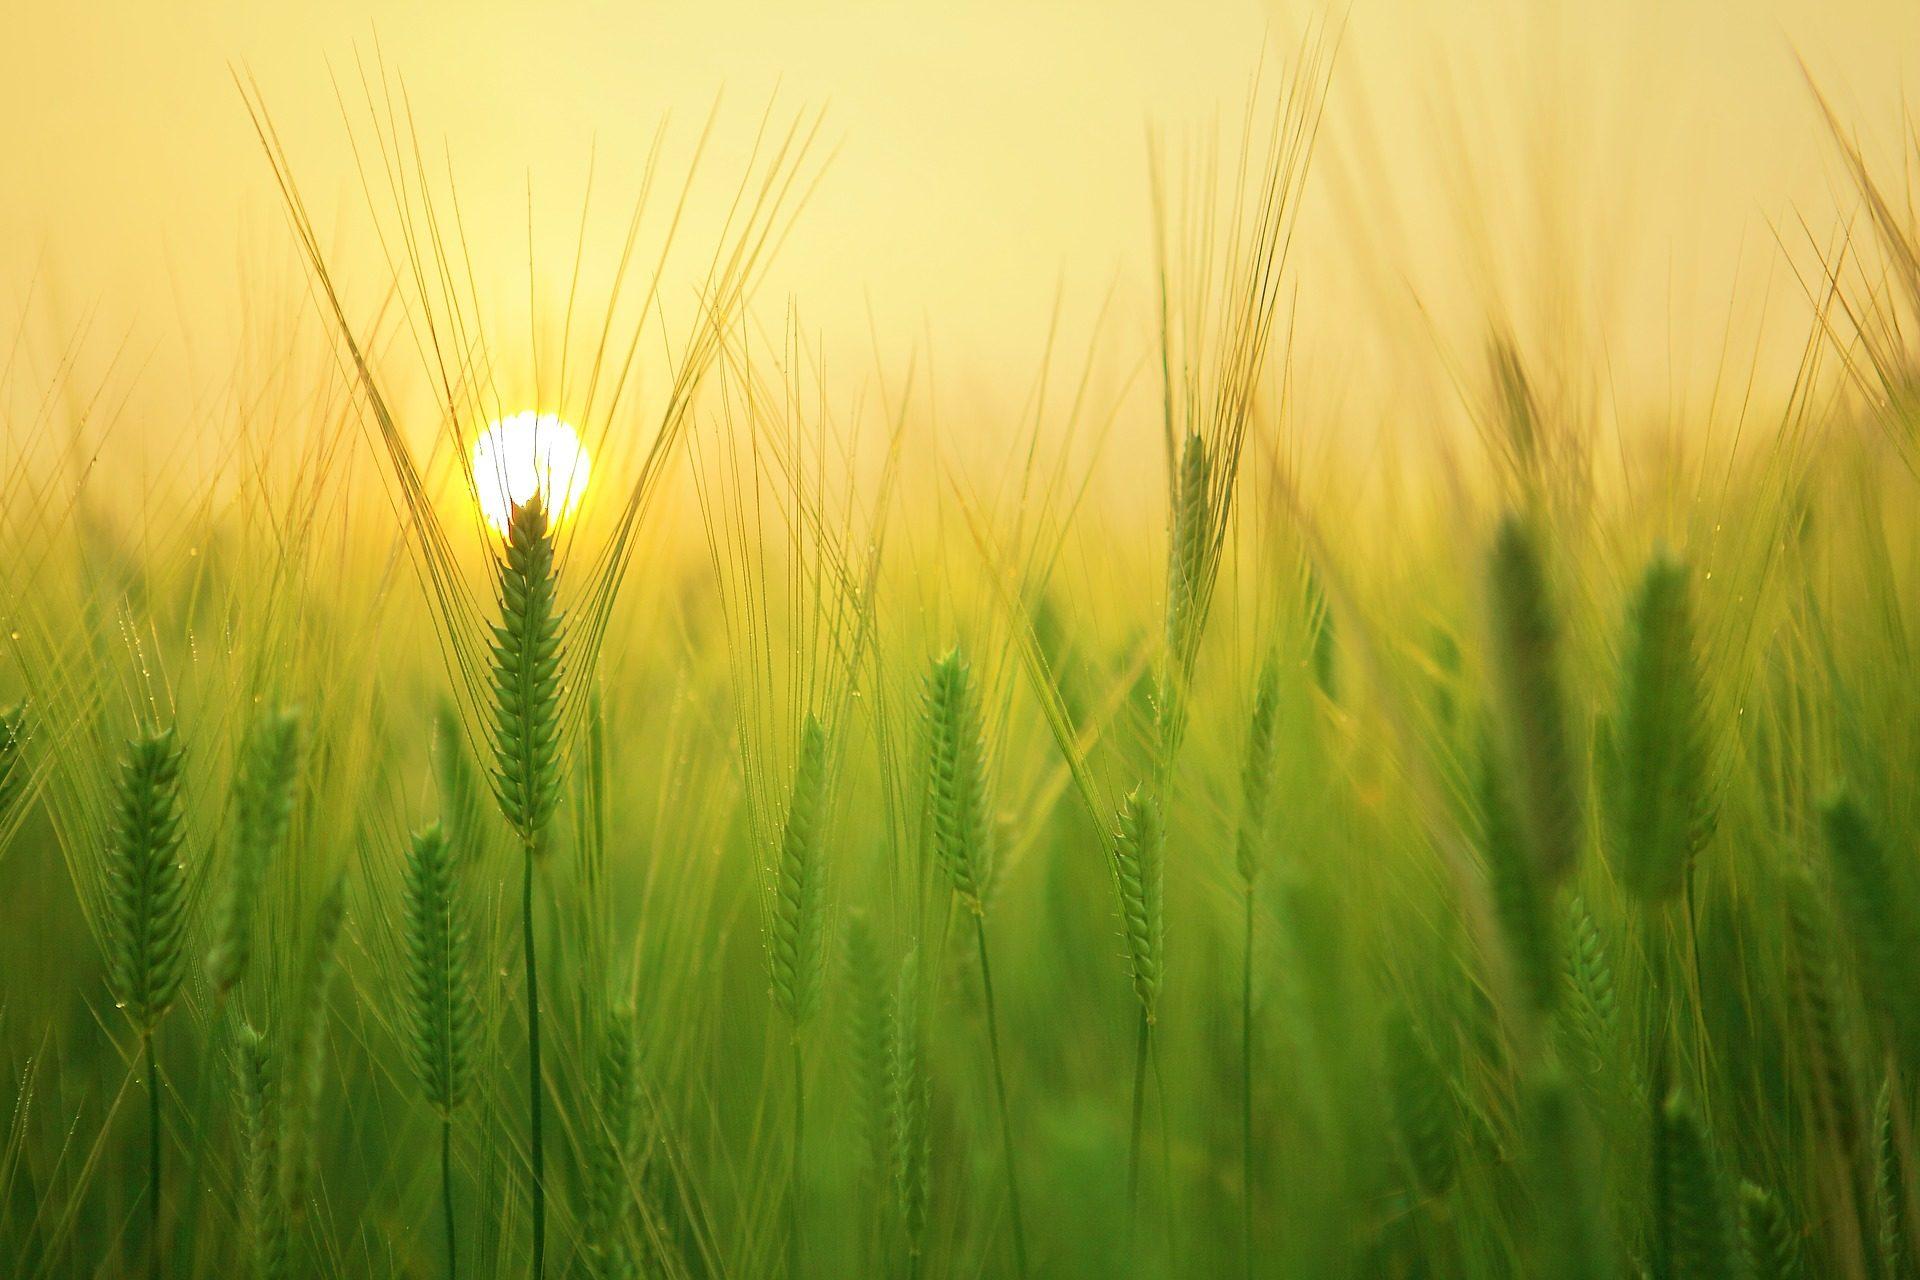 σιτάρι, πεδίο, Φυτεία, Πράσινο, Κυρ, φως - Wallpapers HD - Professor-falken.com